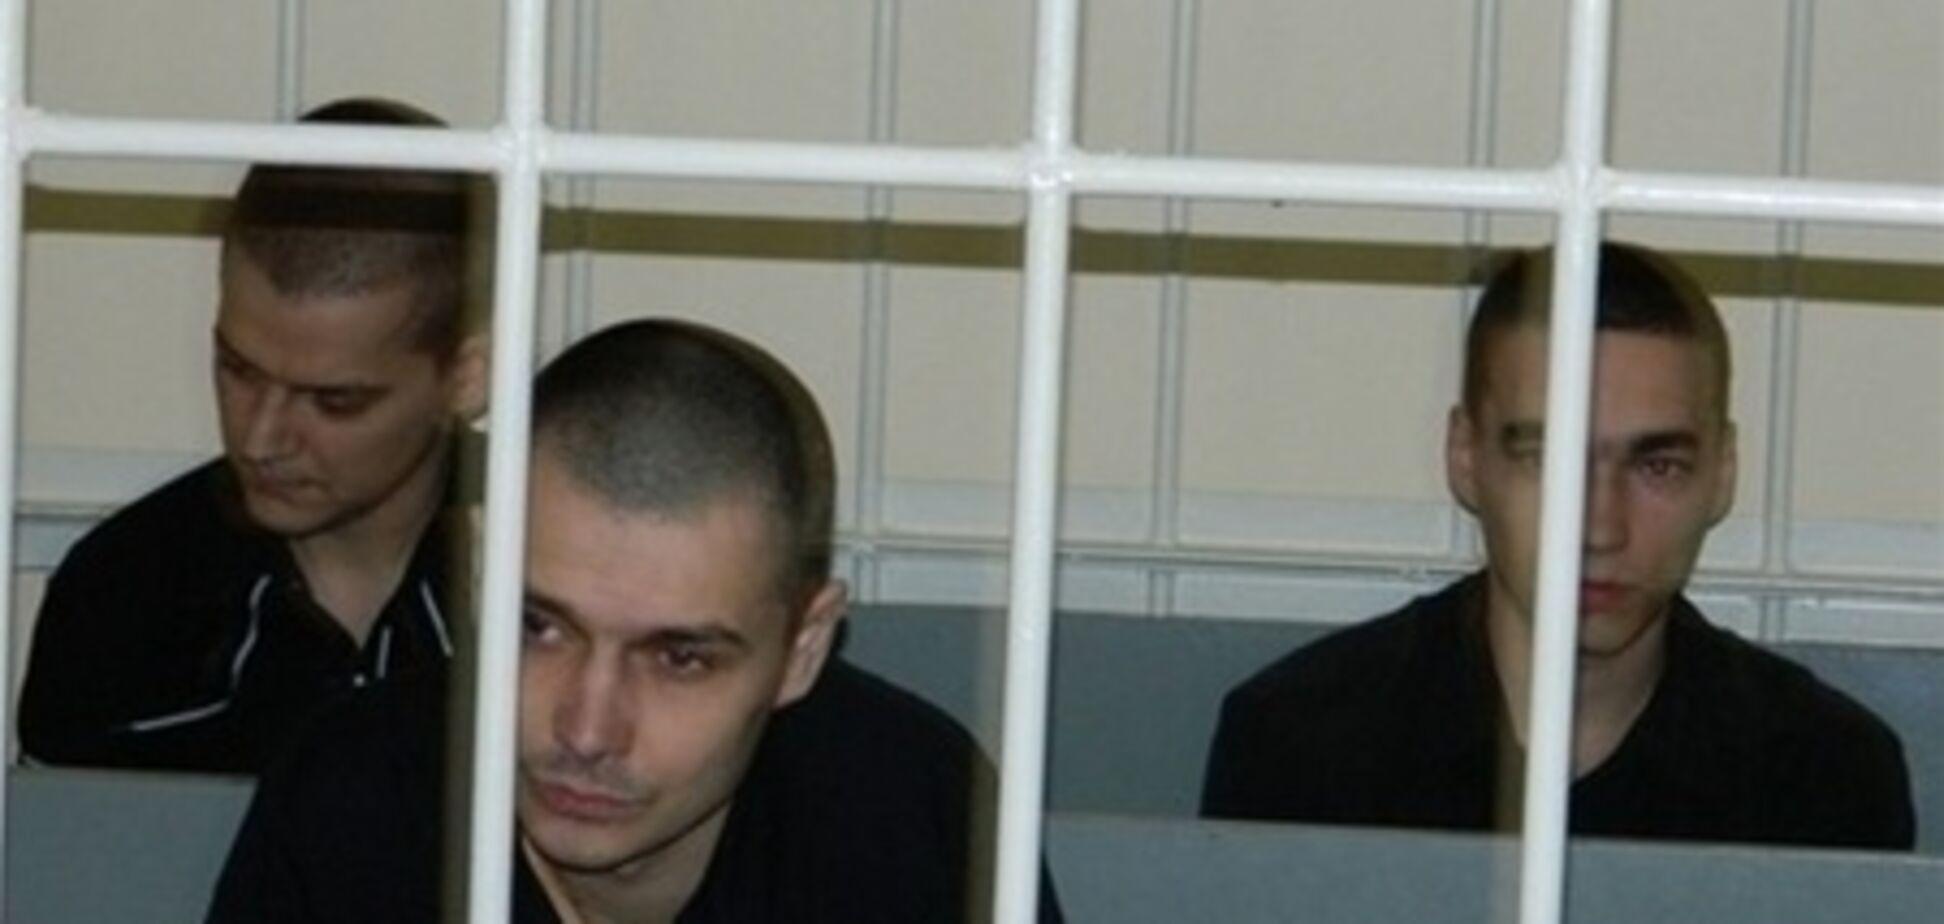 Работники ППС на суде рассказали подробности того, как они нашли Оксану Макар